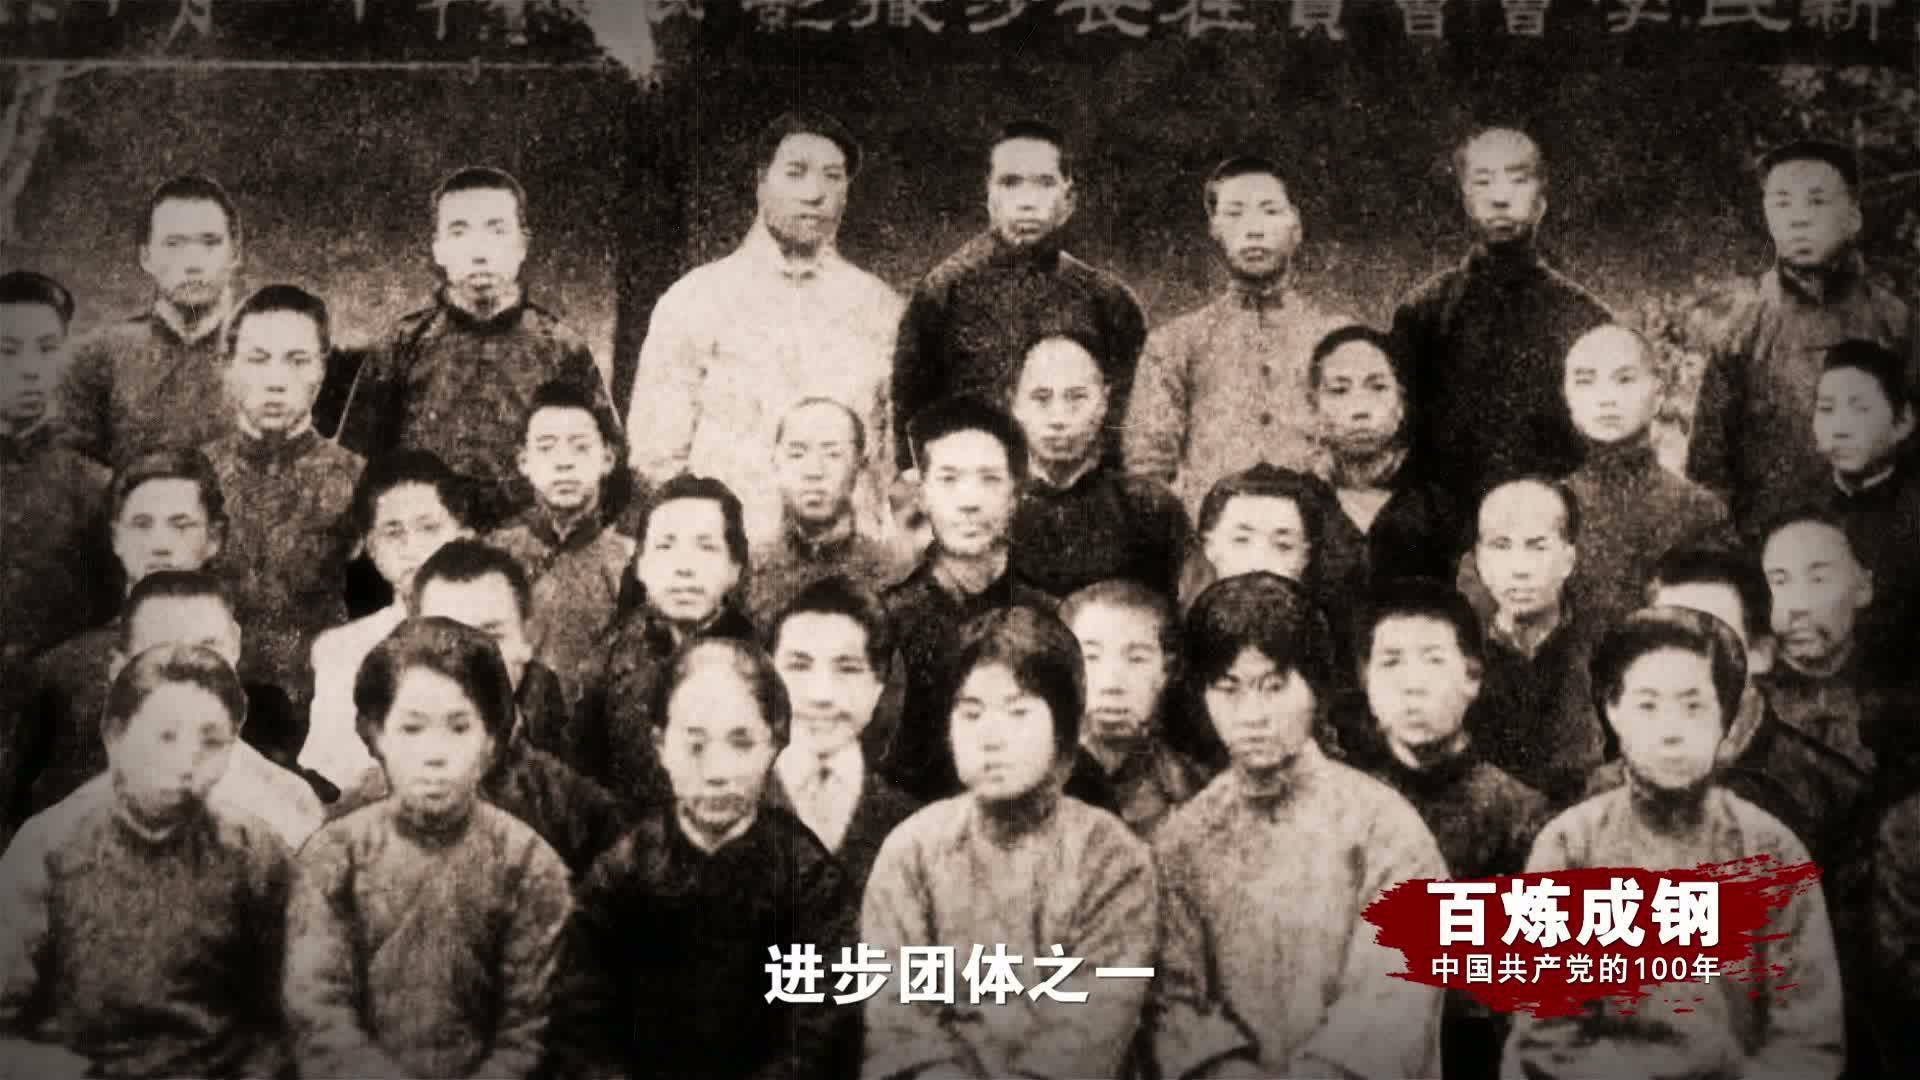 百炼成钢(100年100集):第三集《改造中国与世界》